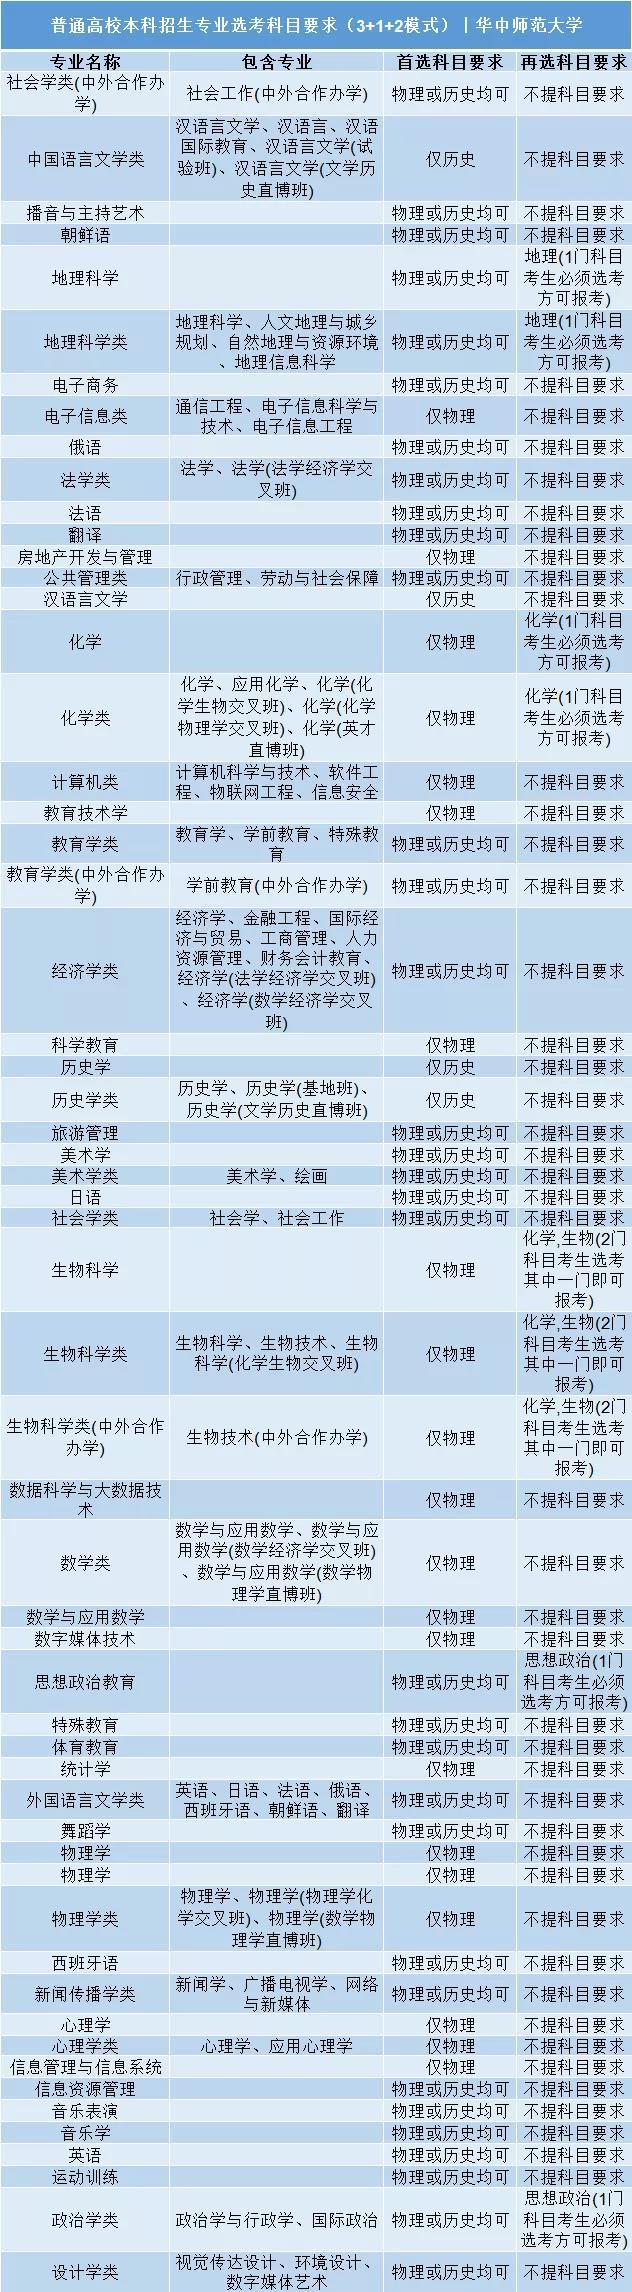 华中师范大学普通高校本科招生专业选考科目要求3+1+2模式